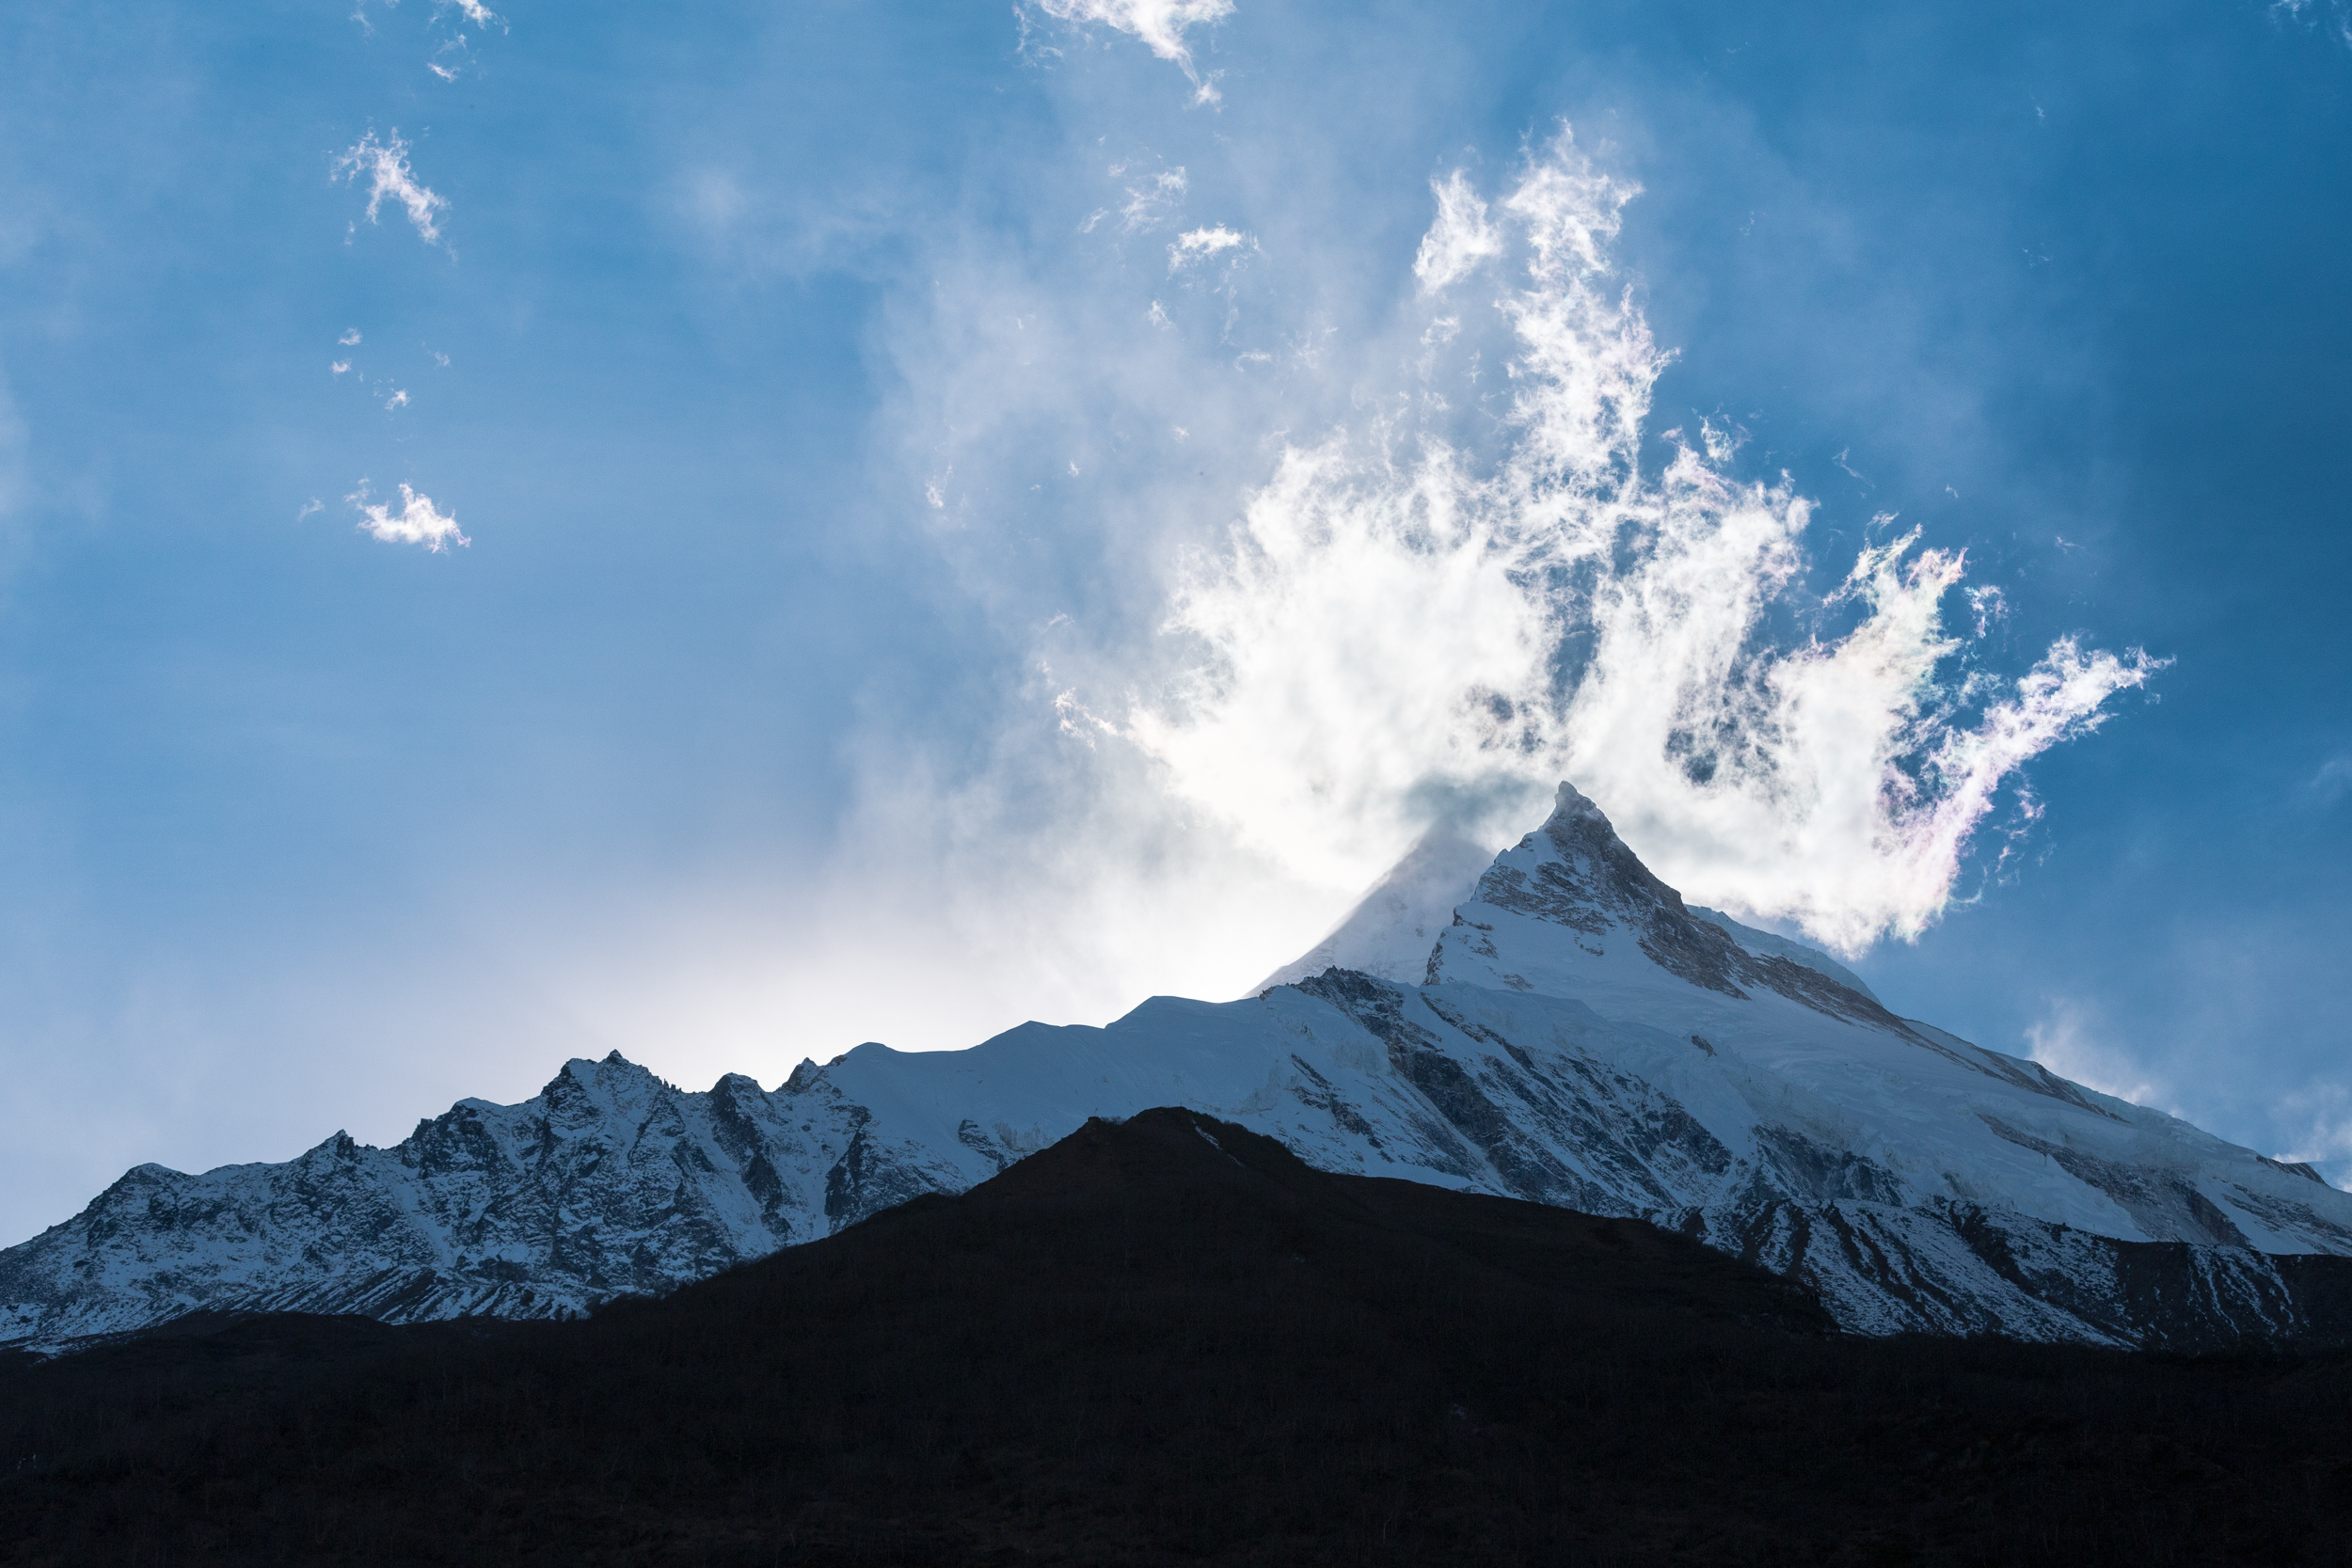 Seated just below Mt. Manaslu.